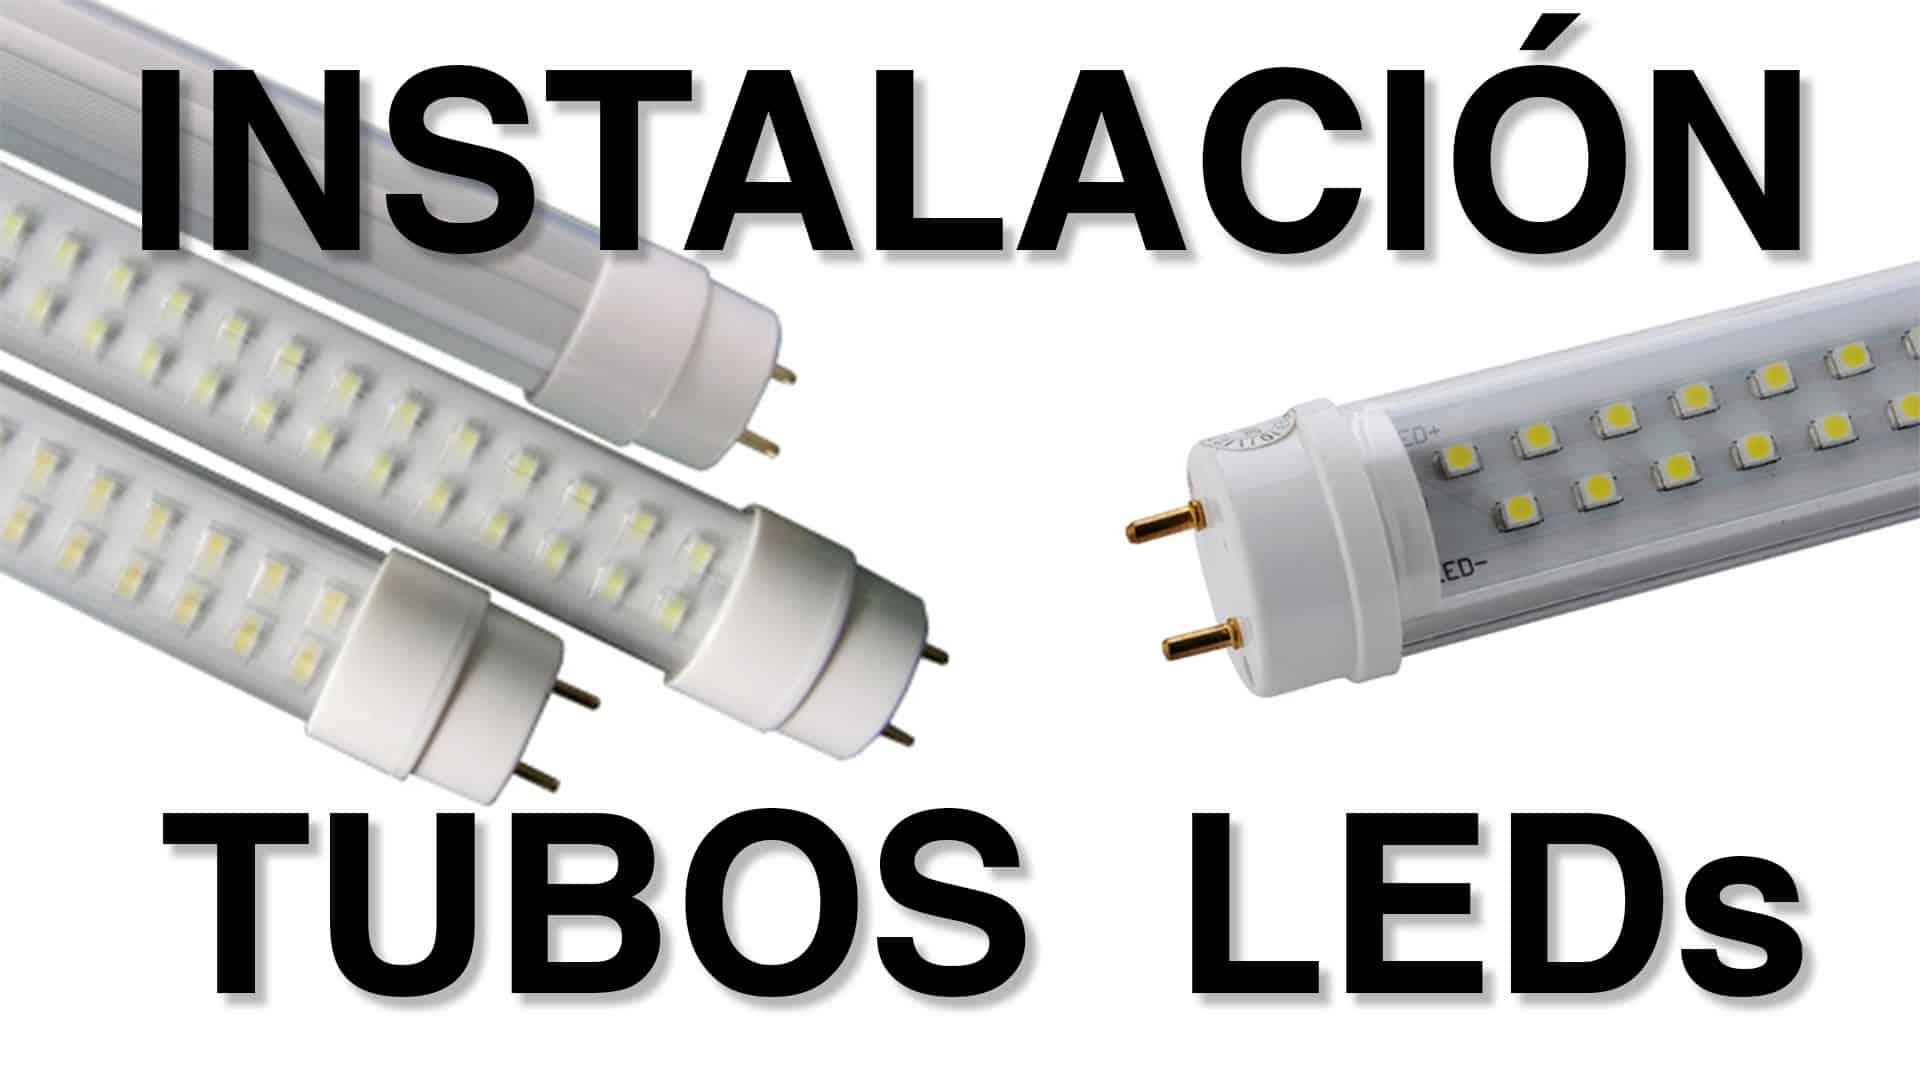 Tubos LED, Tubos Fluorescentes LED